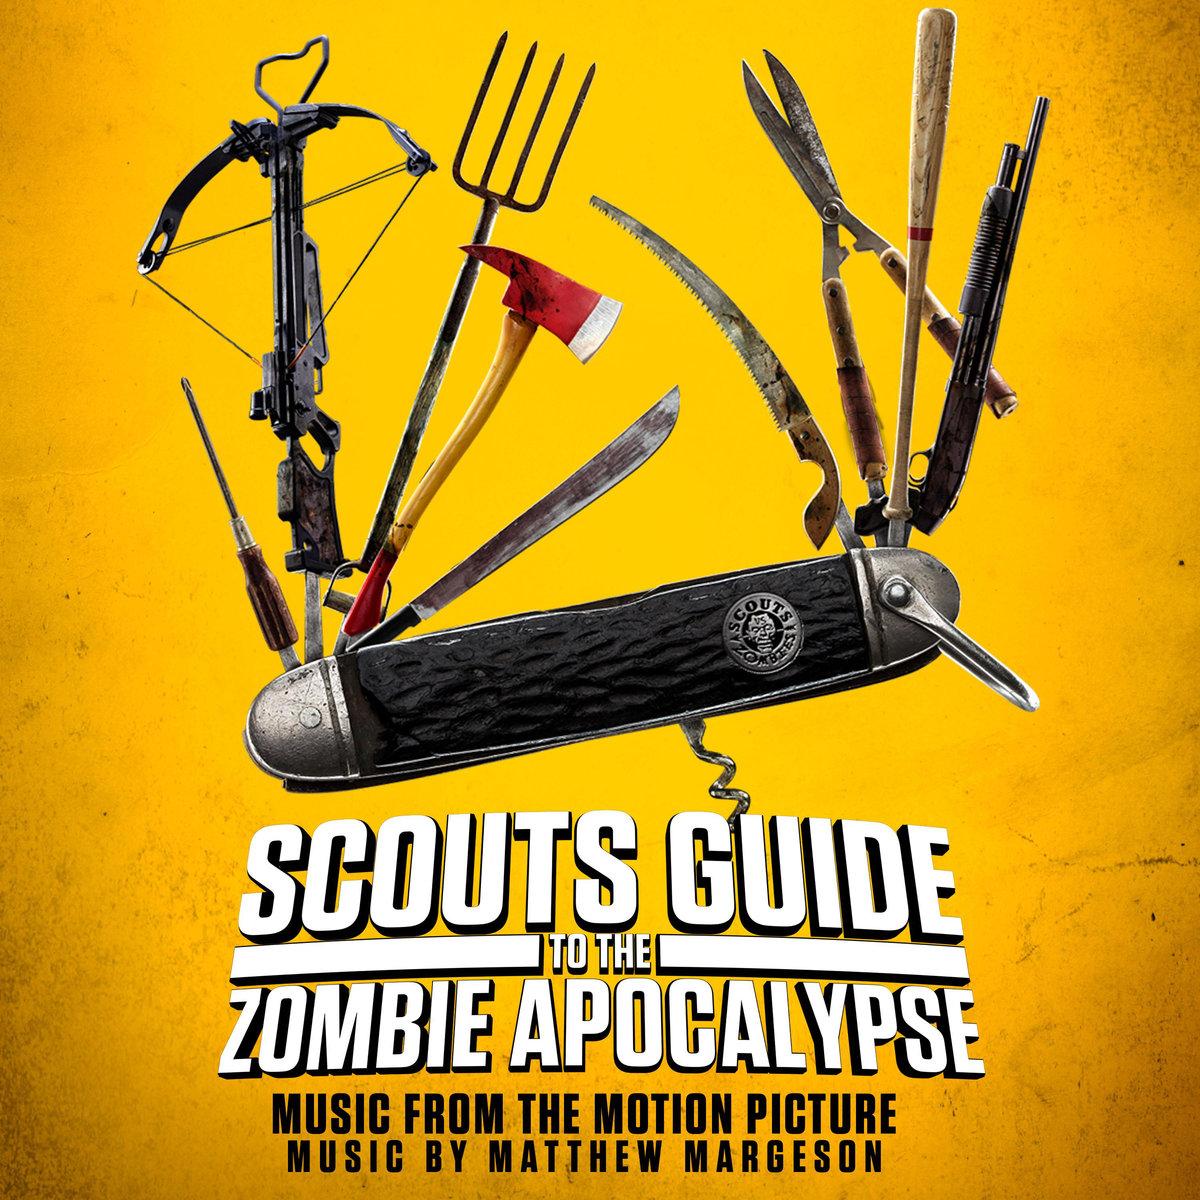 Песни из фильма скауты против зомби